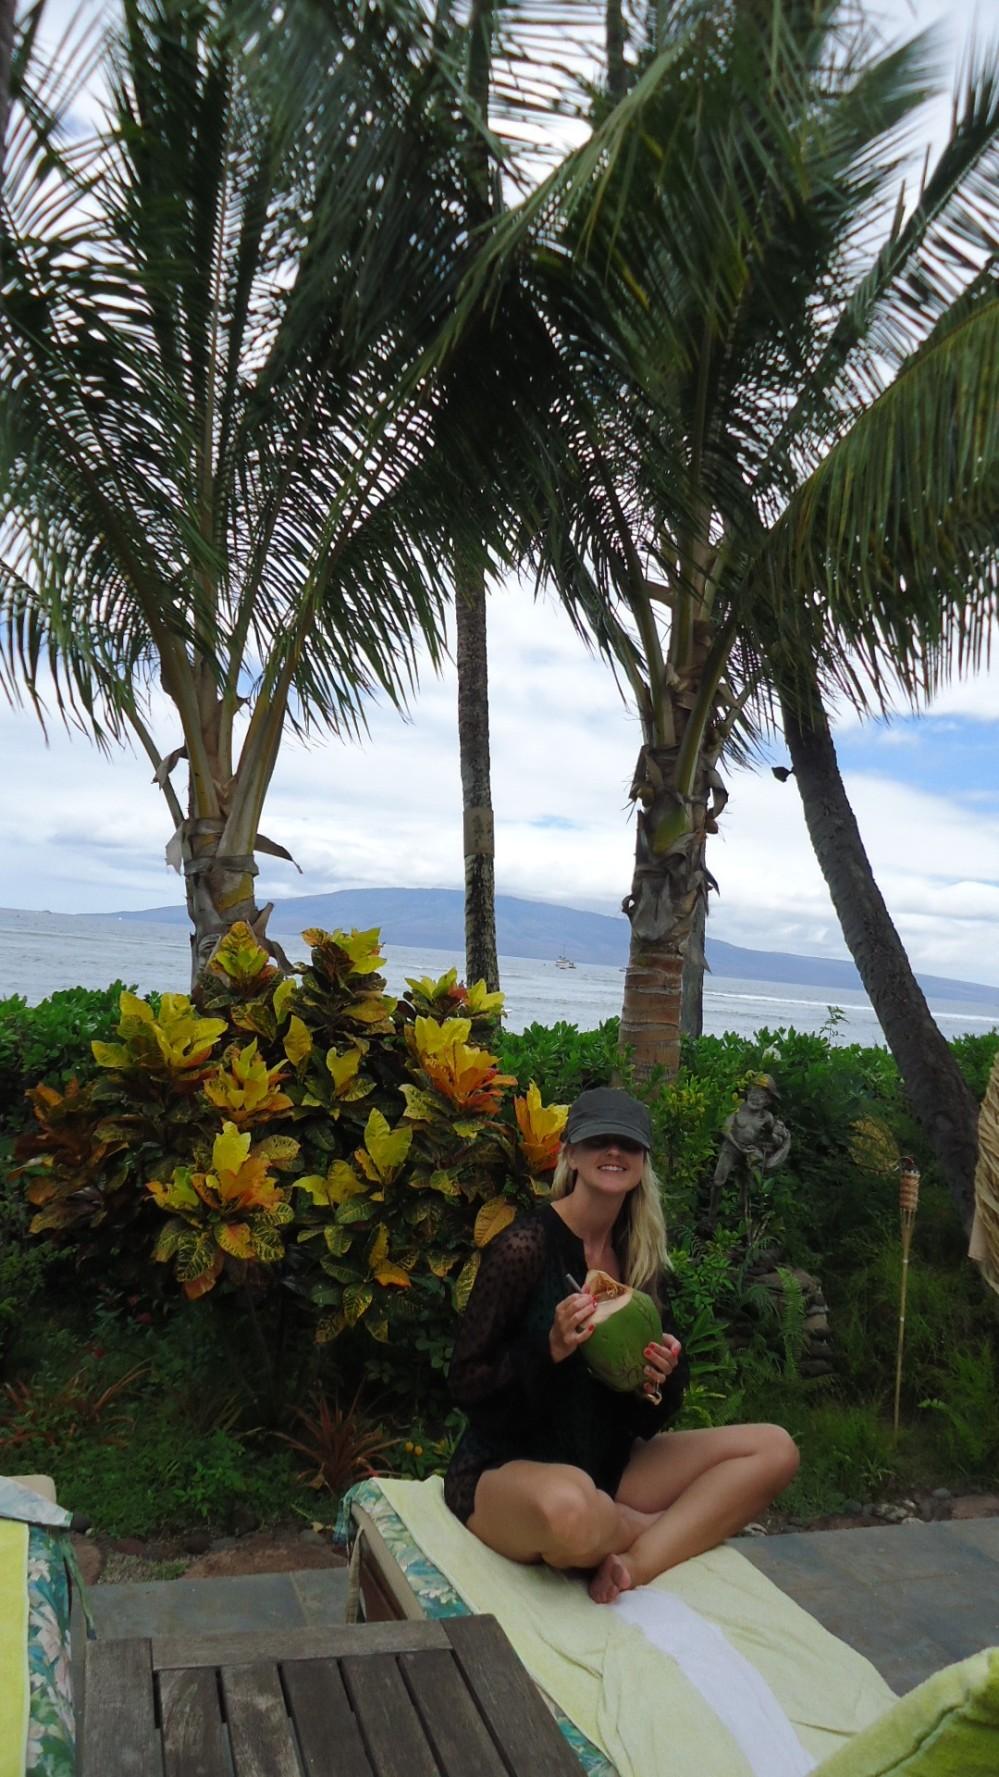 Enjoying a Coconut Treat in Maui